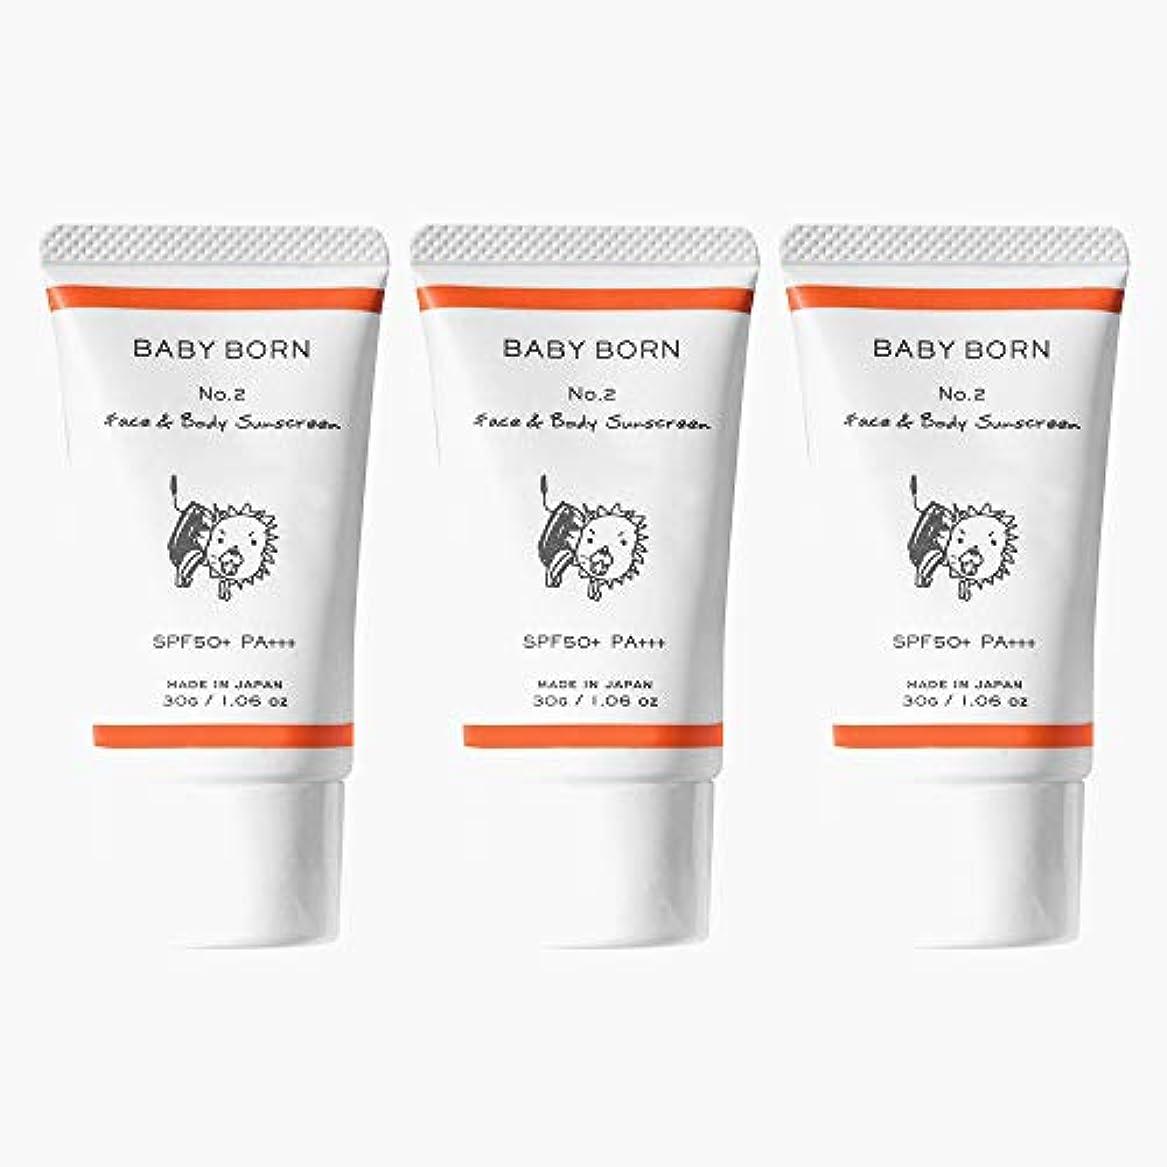 有名な信頼性見出し日焼け止め 赤ちゃんや子どもにも使えるBABY BORN(ベビーボーン) Face&Body Sunscreen 3個セット 日焼け止め UV ケア 東原亜希 高橋ミカ 共同開発 SPF50+/PA++++